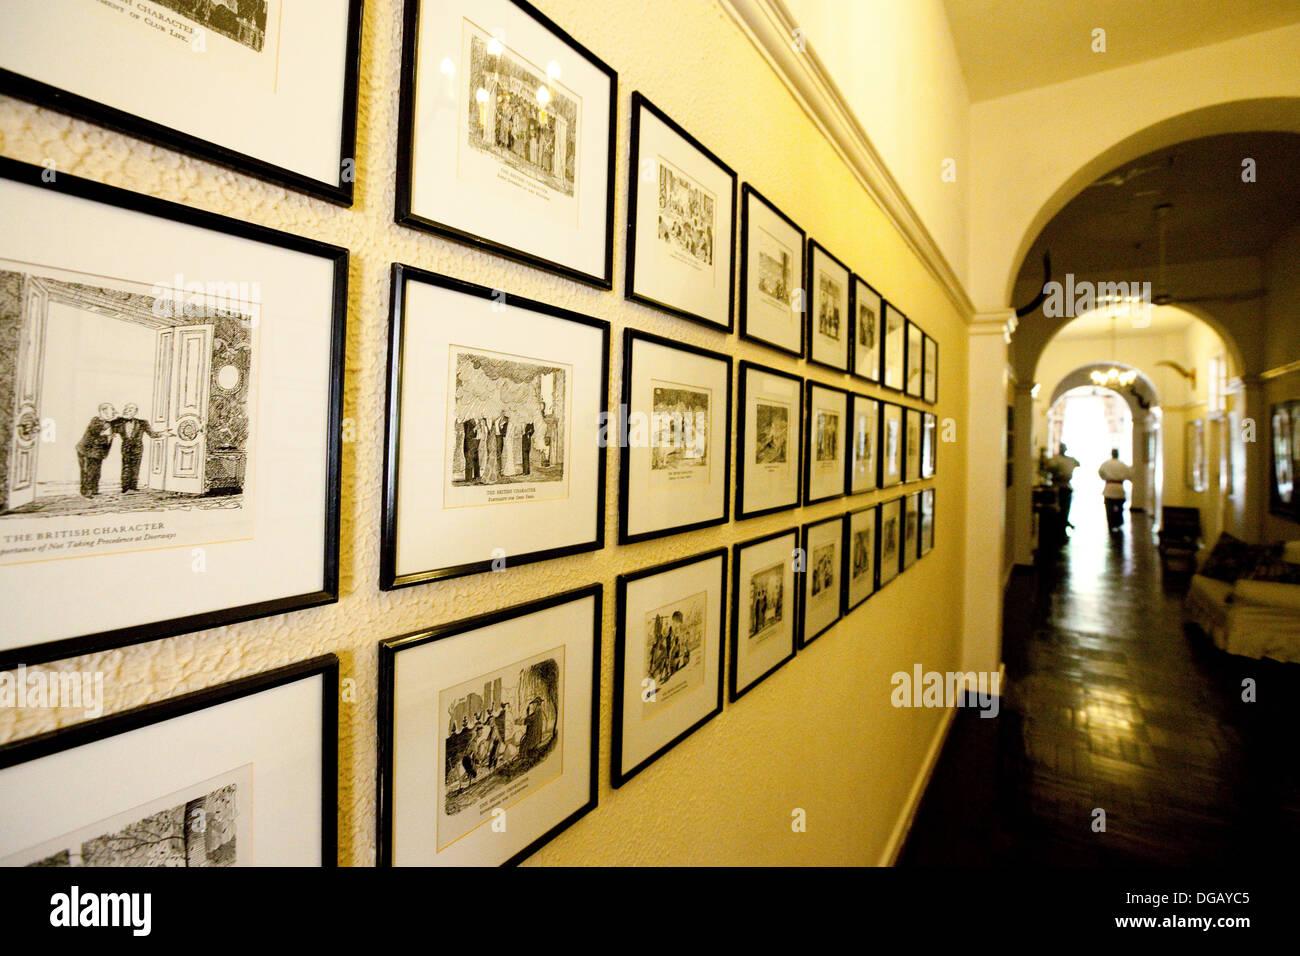 Les couloirs de l'hôtel 5 étoiles de style colonial Hotel Victoria Falls, Zimbabwe, Afrique du Sud Photo Stock